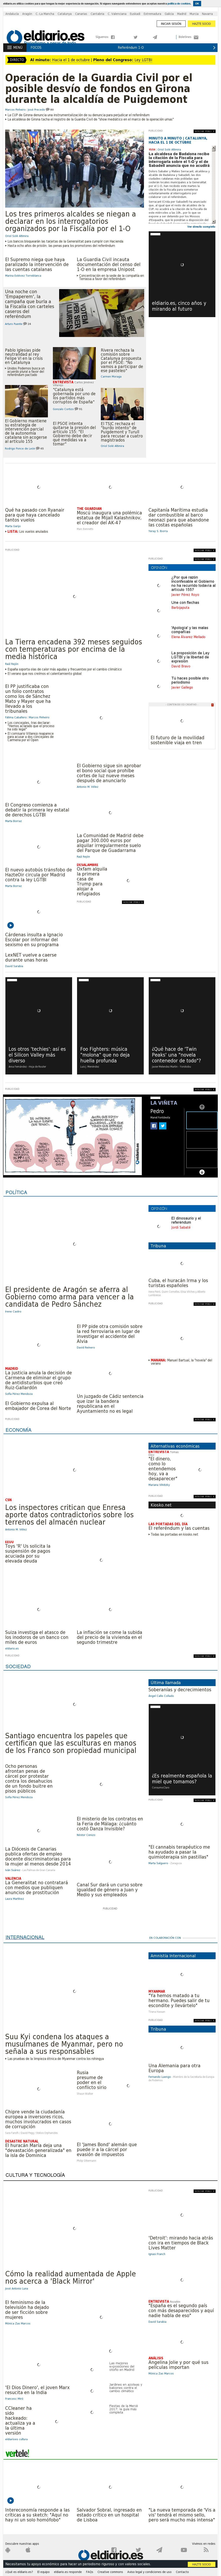 El Diario at Tuesday Sept. 19, 2017, 2:03 p.m. UTC